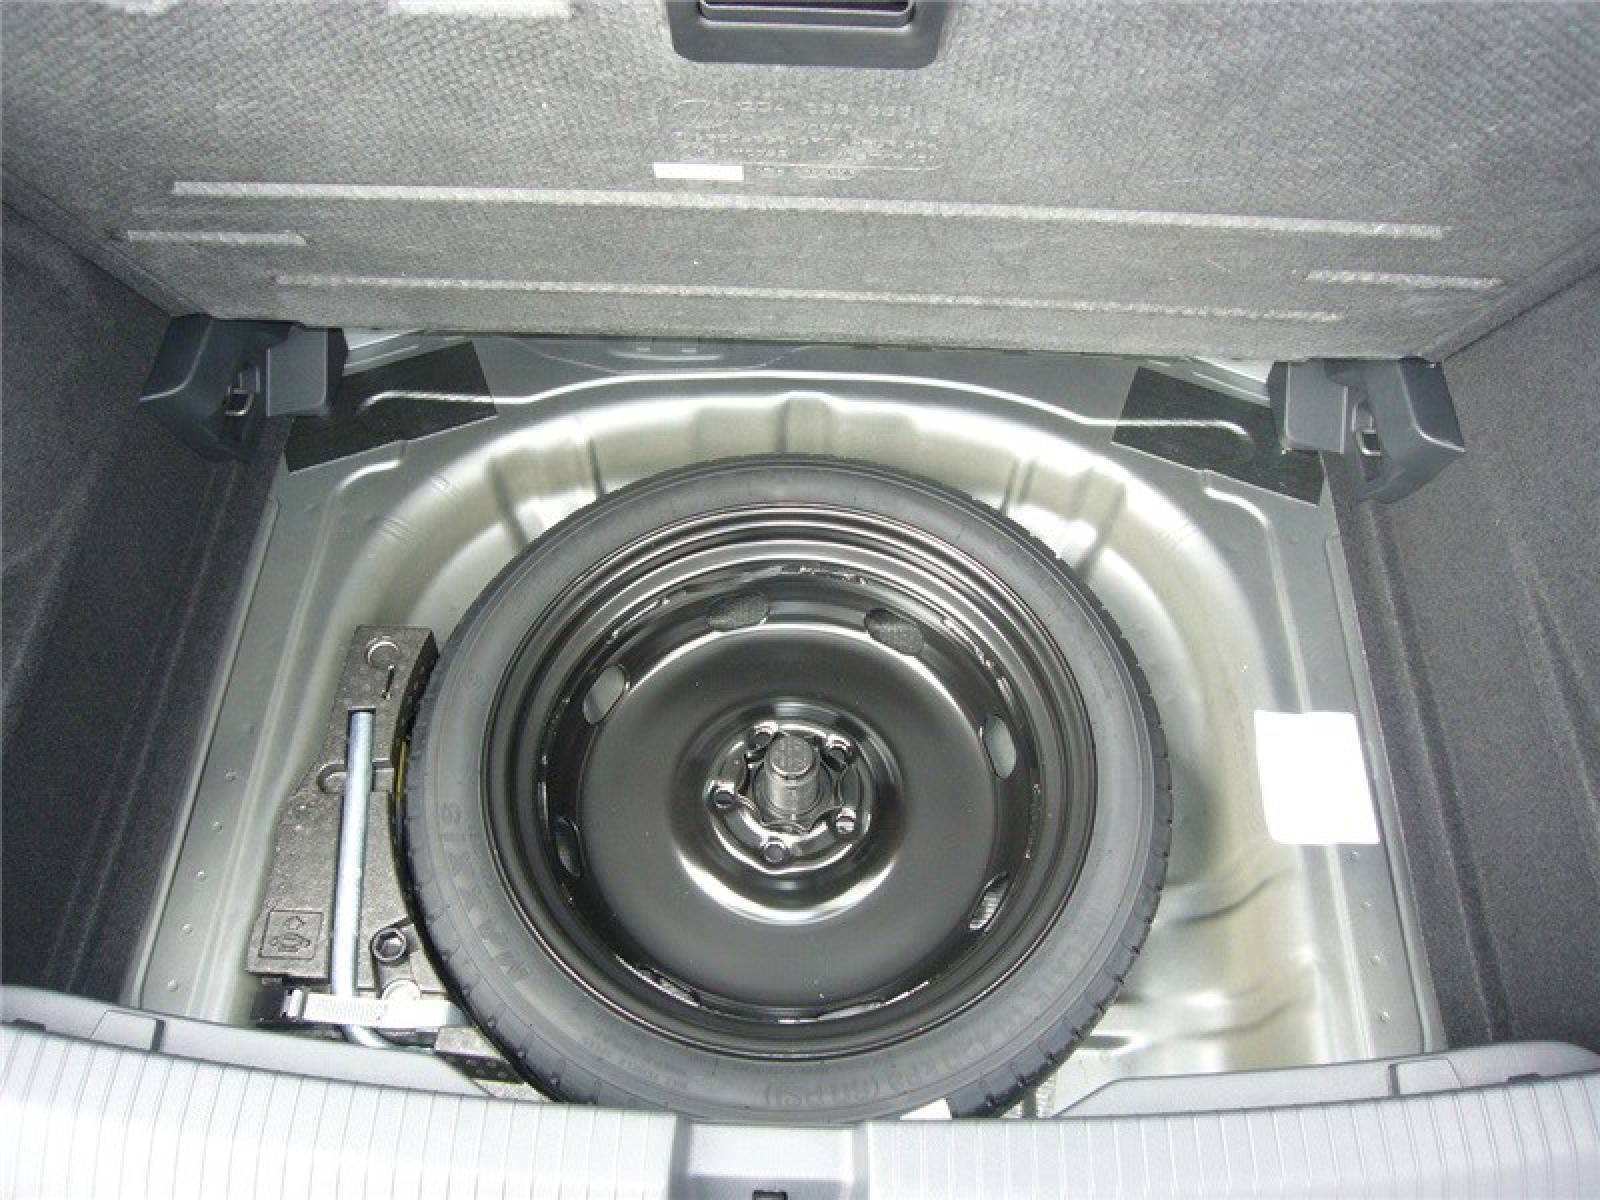 VOLKSWAGEN T-Roc 1.5 TSI 150 EVO Start/Stop BVM6 - véhicule d'occasion - LEMAUVIEL AUTOMOBILES - Présentation site web V2 - Lemauviel automobiles - AVRANCHES - 50300 - LE VAL-SAINT-PÈRE - 20